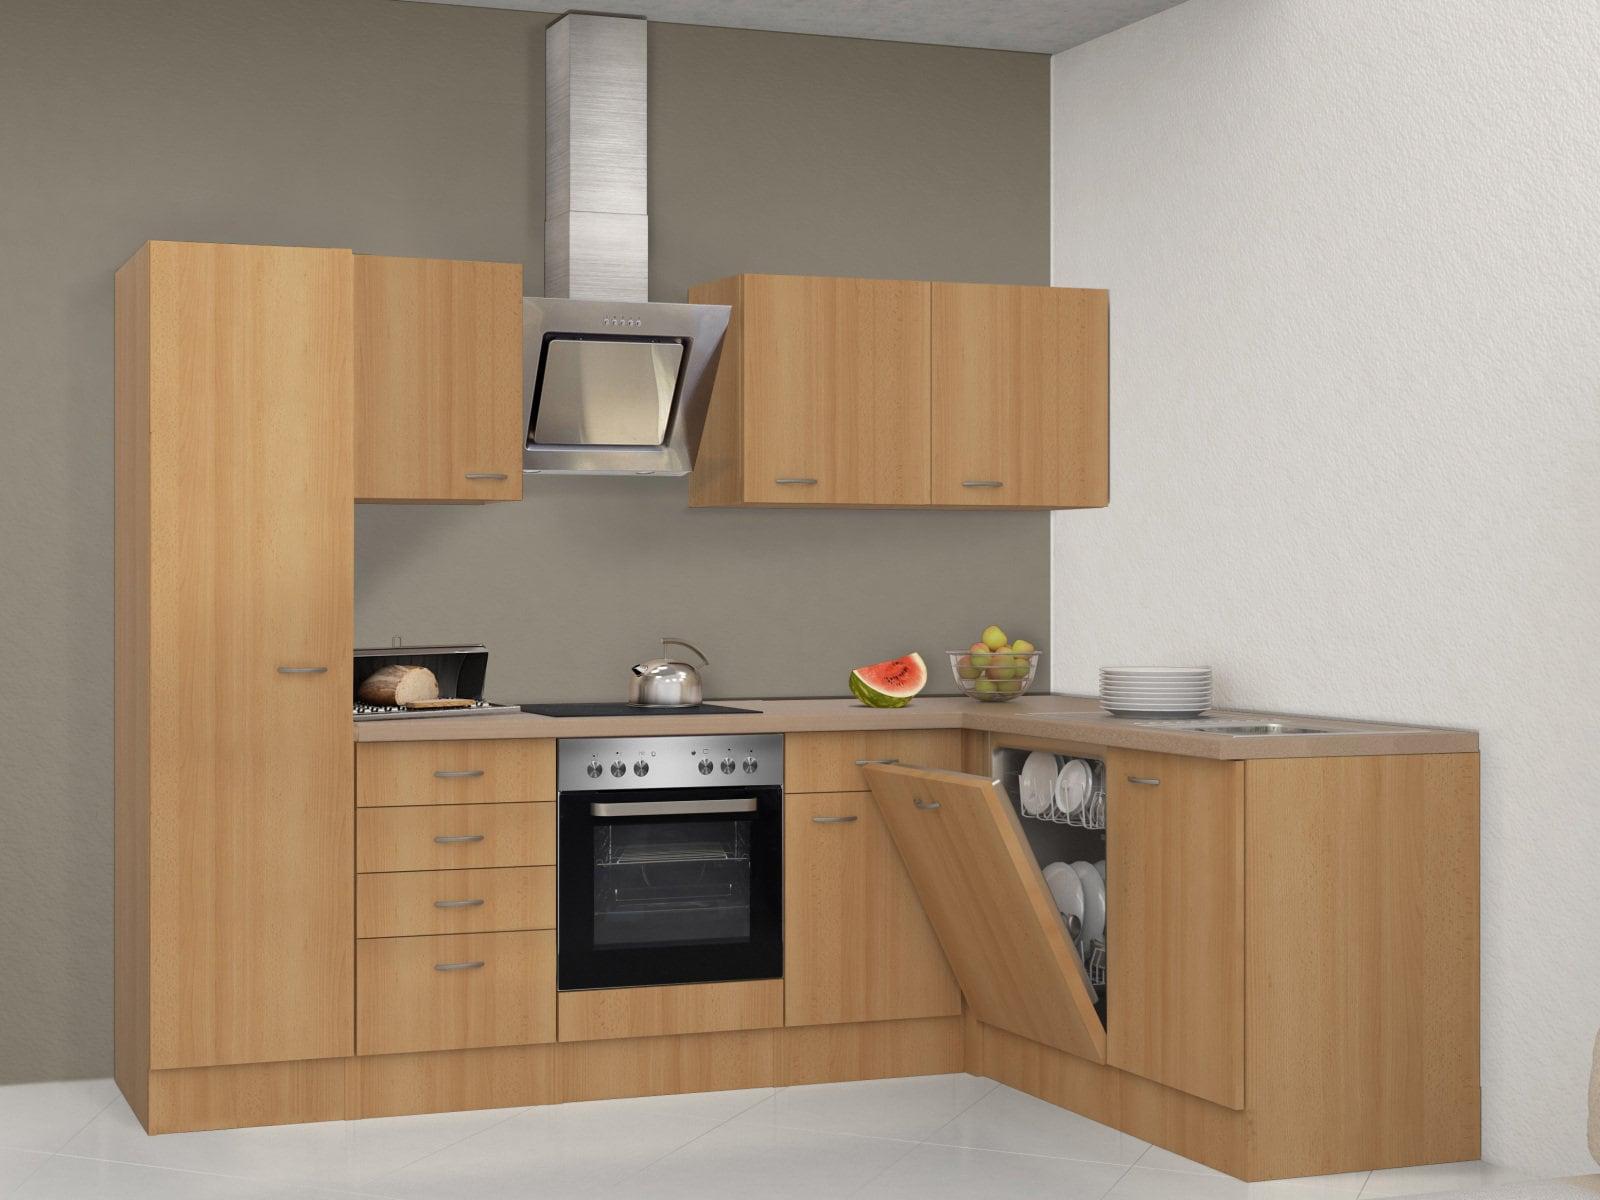 Für Gerade Mal 2.000 U20ac Können Sie Sich Eine Küche In Der Beliebten L Form  Erwerben. Die Teuerste In Dieser Kategorie Kostet Lediglich 700 U20ac Mehr.